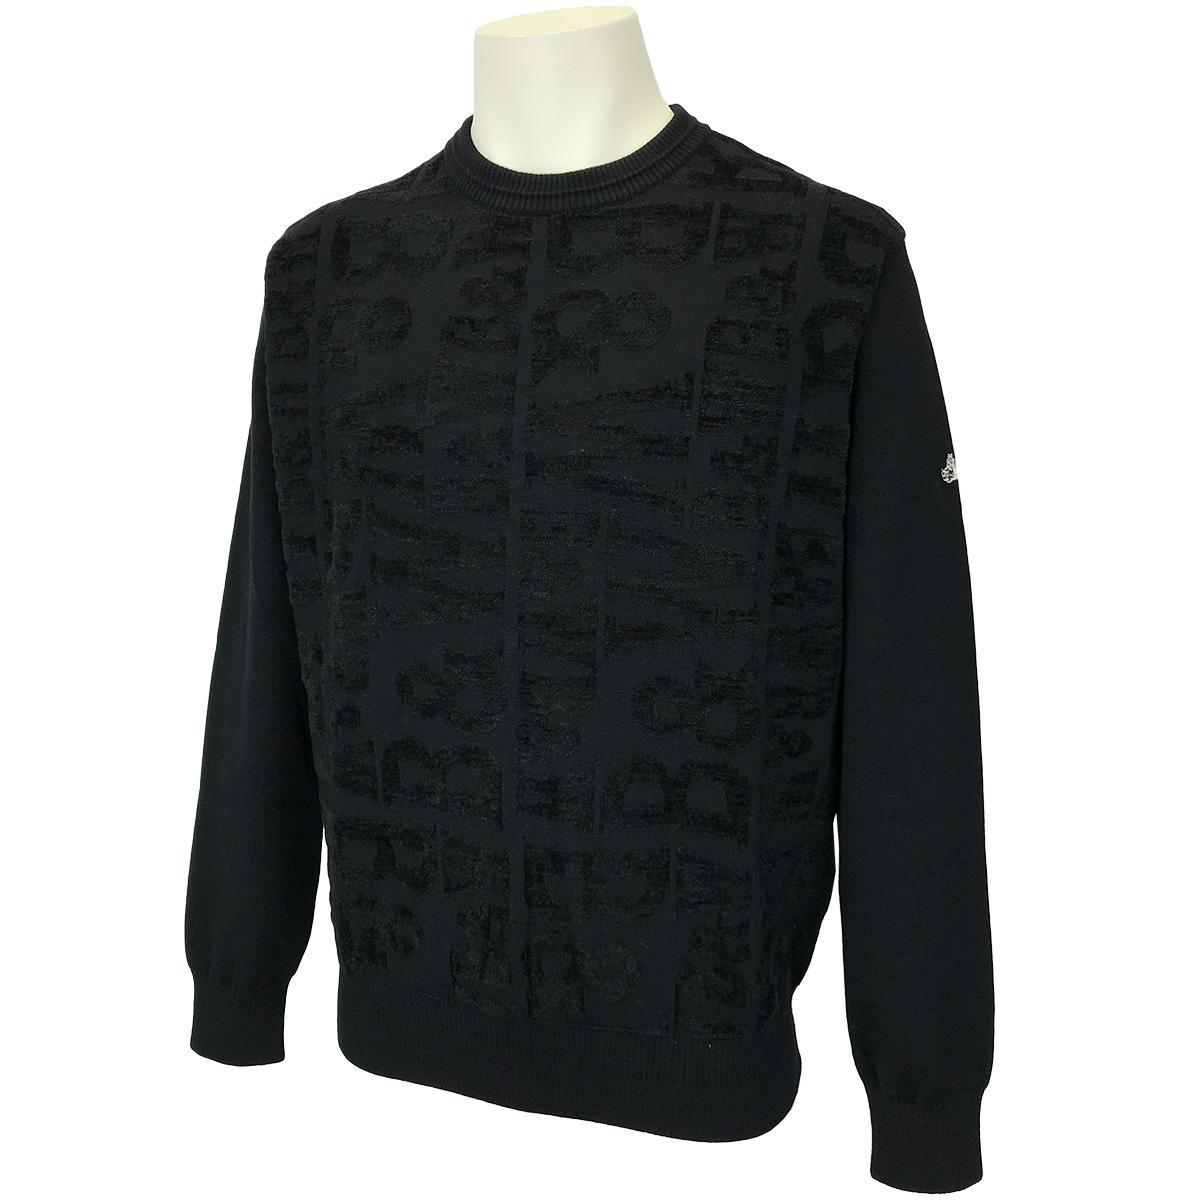 クールネックセーター